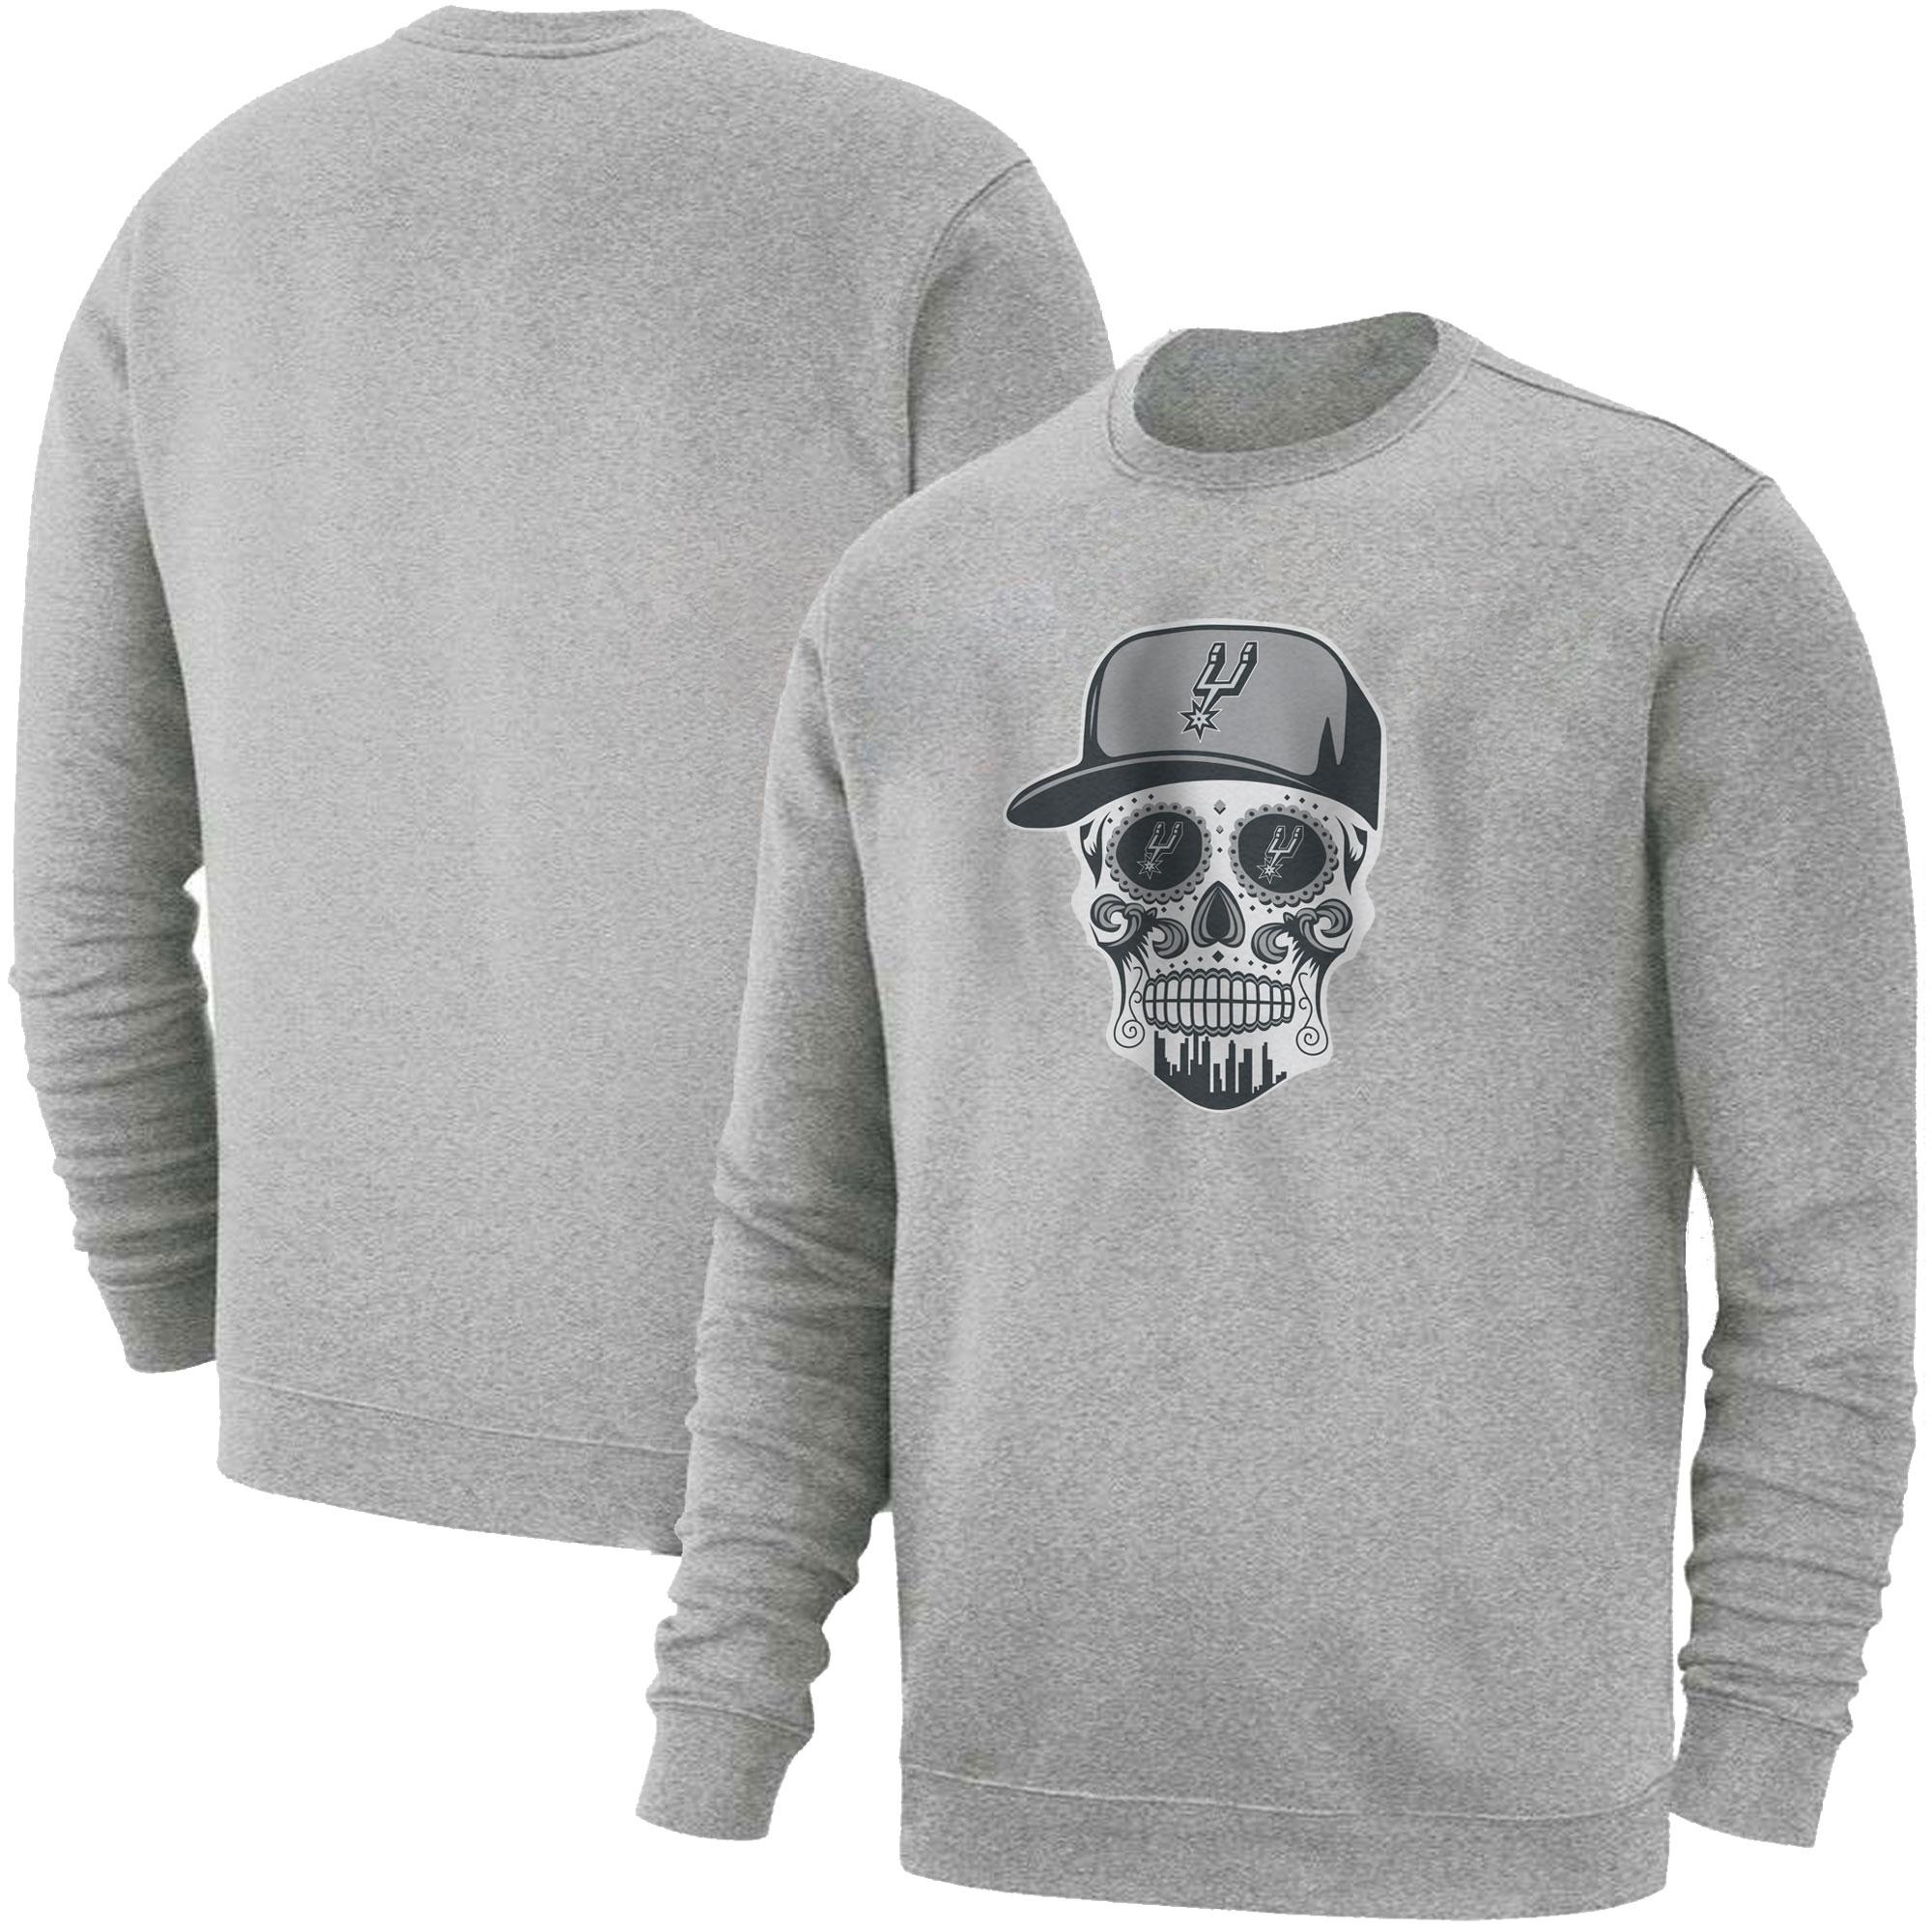 Spurs Skull Basic (BSC-GRY-NP-464-SPURS-SKULL)